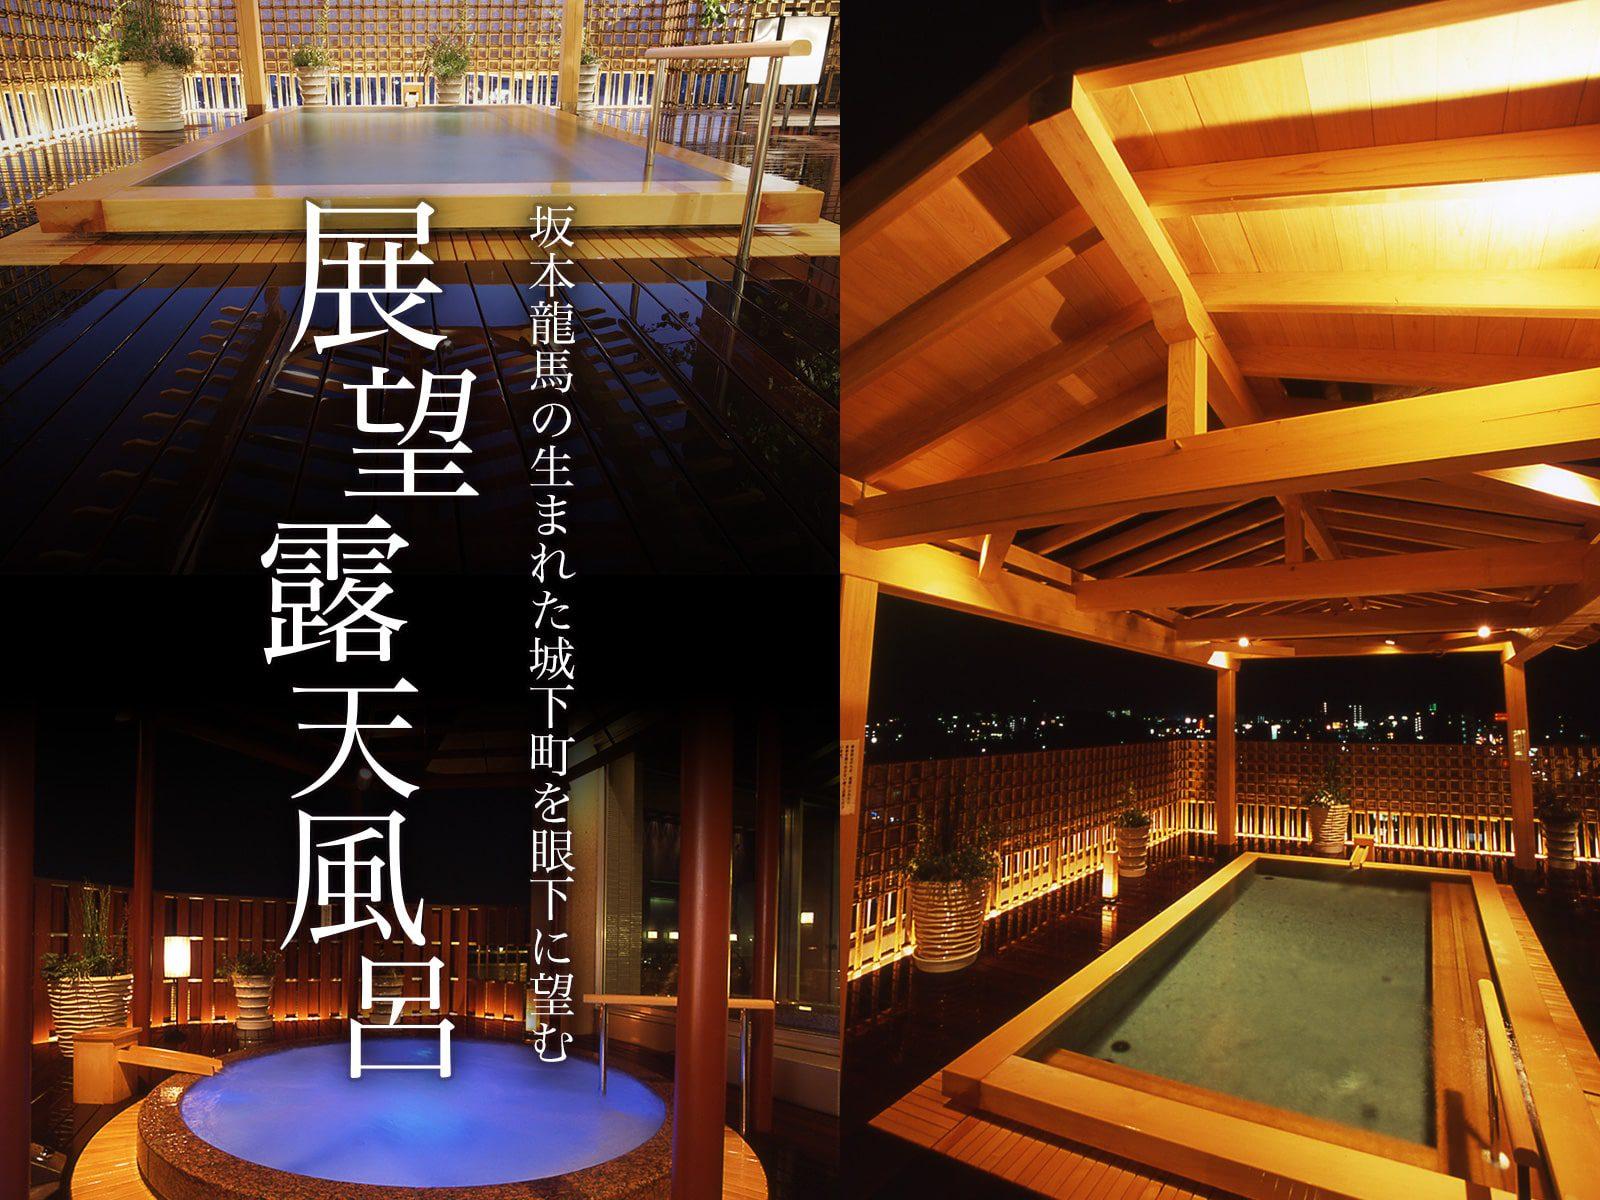 坂本龍馬の生まれた城下町を眼下に望む展望露天風呂